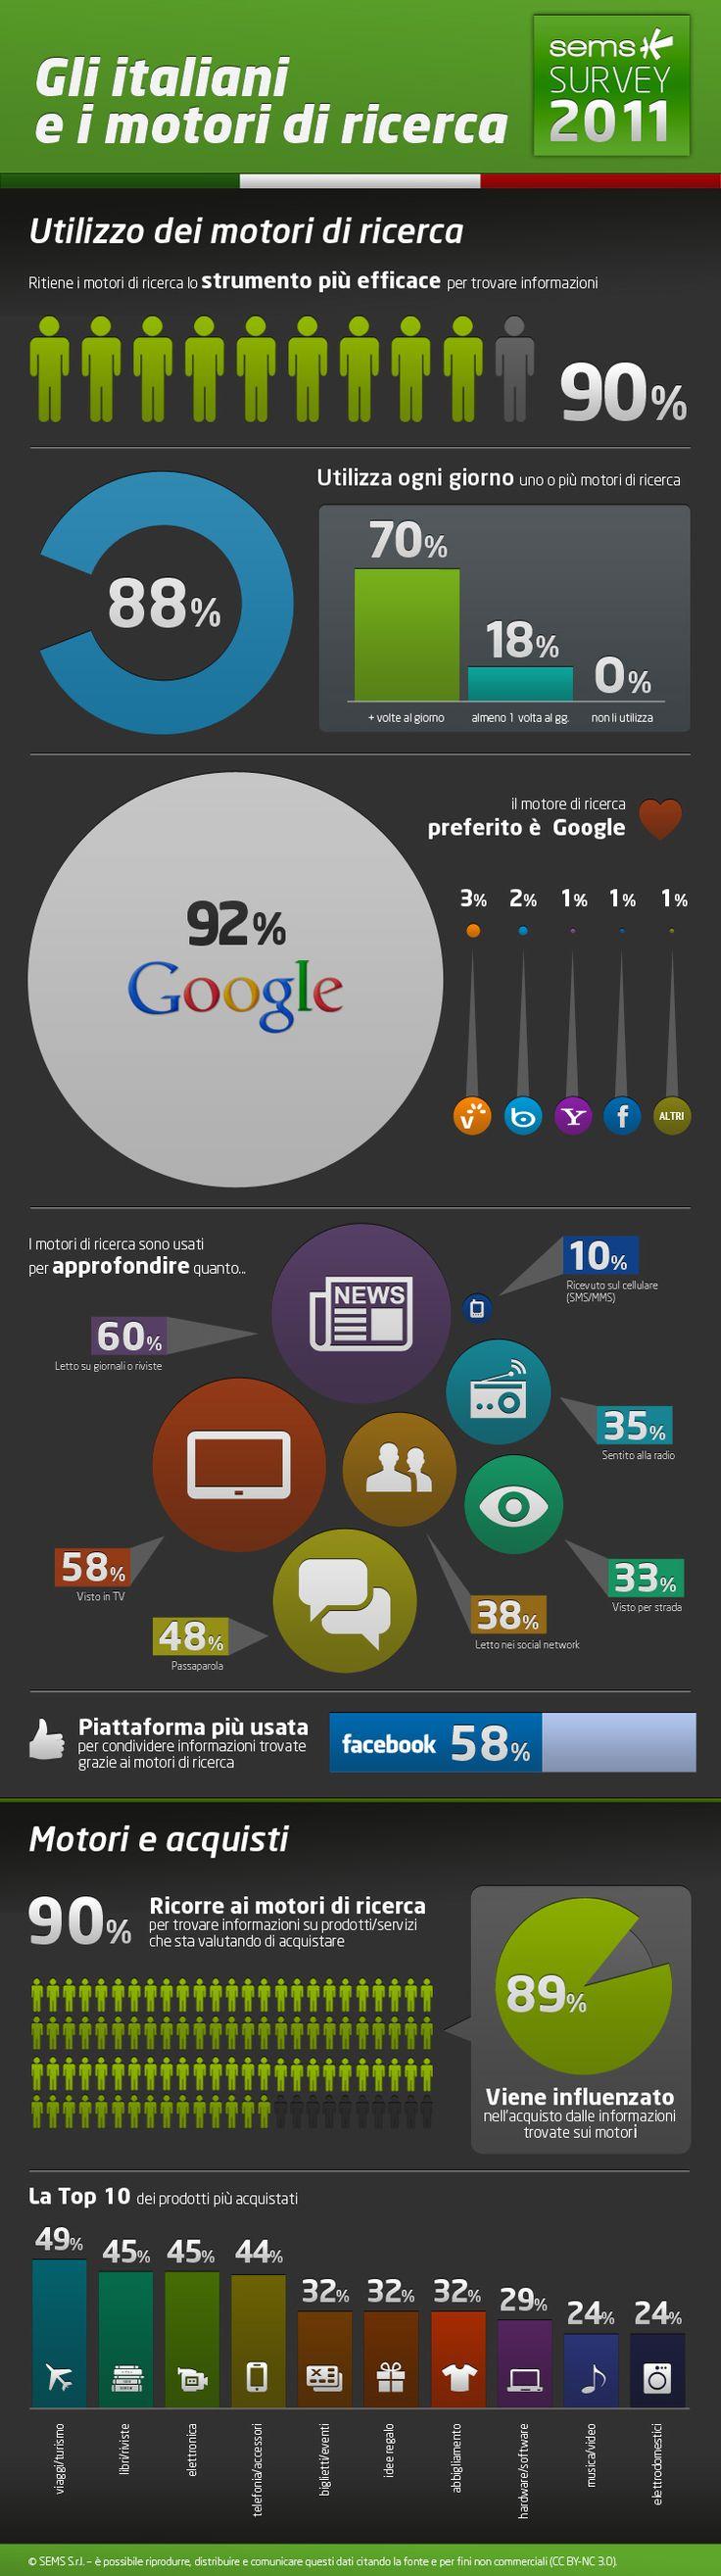 L'uitilizzo dei motori di ricerca da parte degli italiani in un'infografica